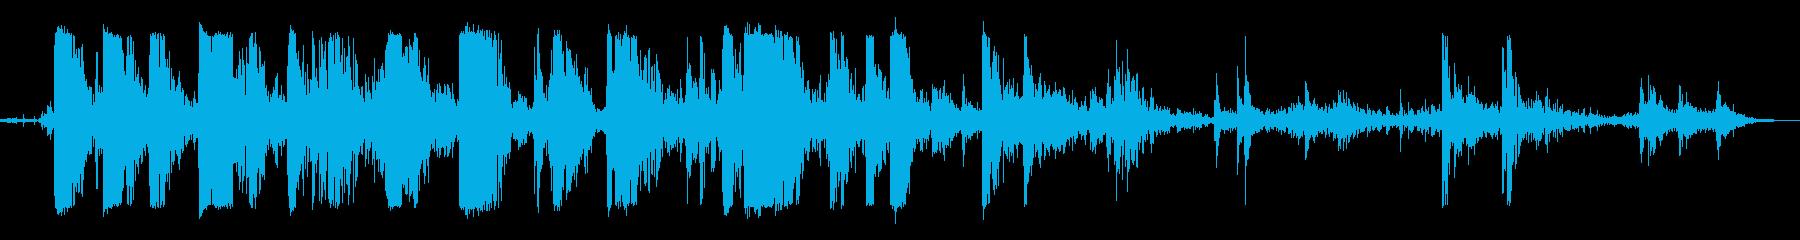 ウッドクラッシュ;軽鎖ガラガラと破...の再生済みの波形